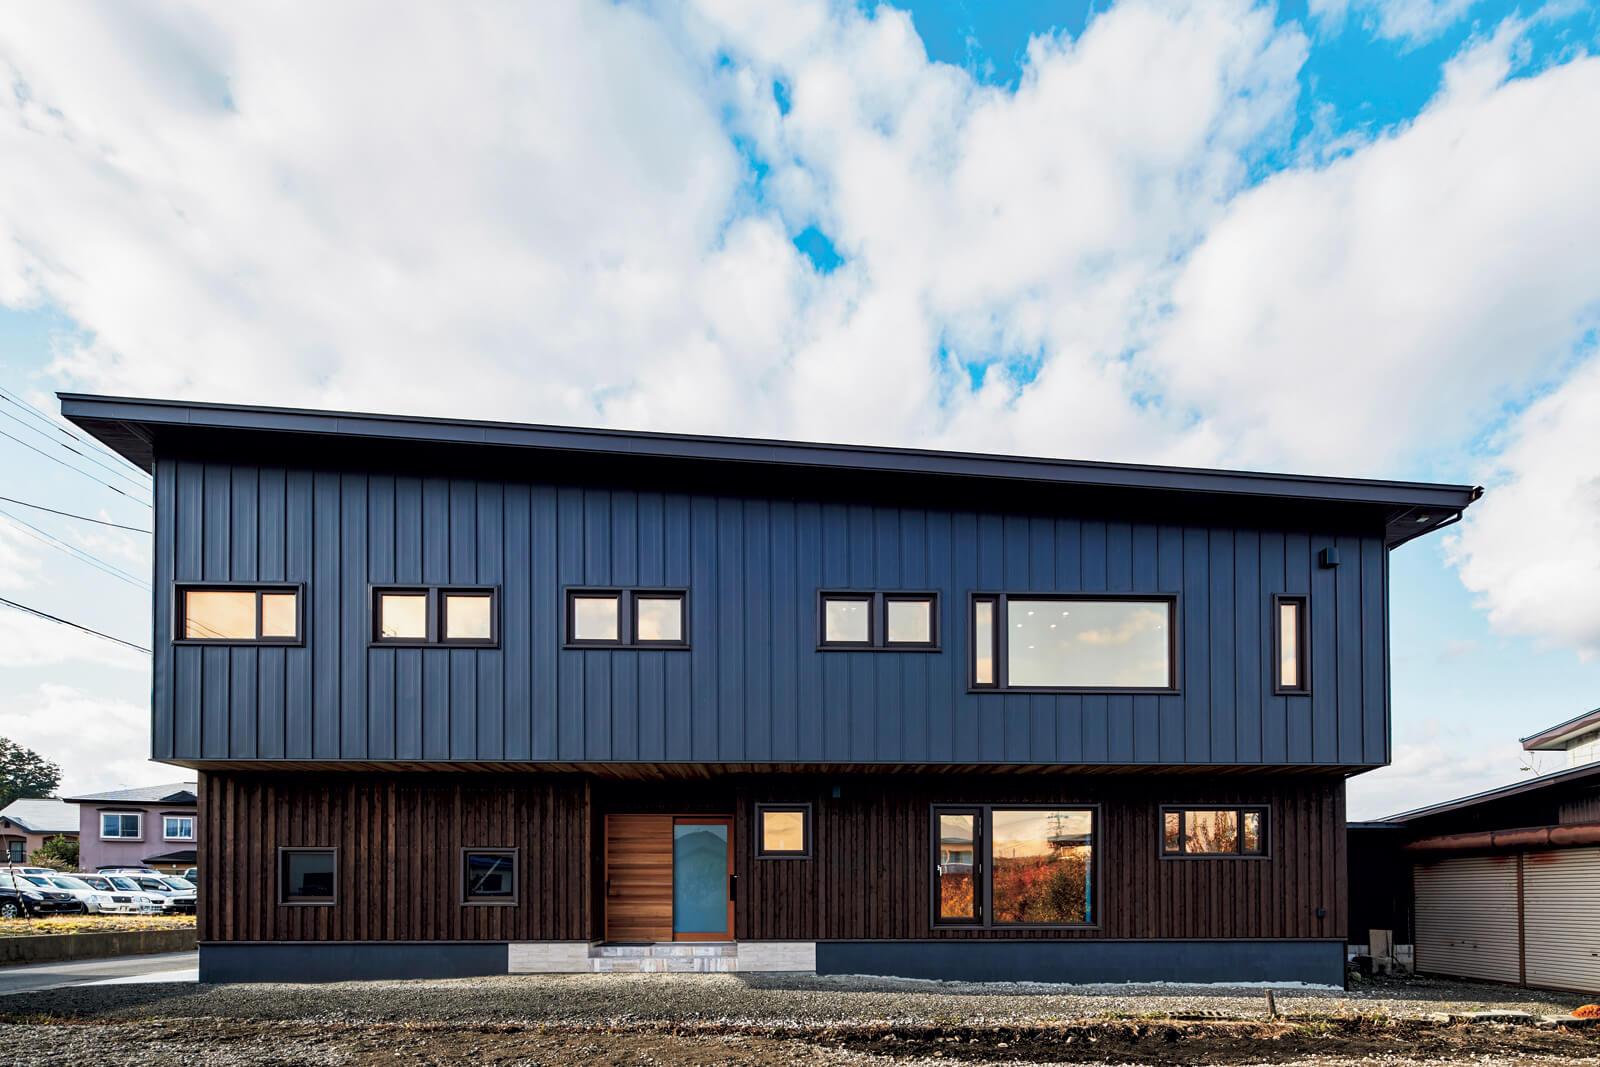 2階のガルバリウム鋼板と1階のスギ板張りの対比が美しい外観。2階リビングの大窓も印象的